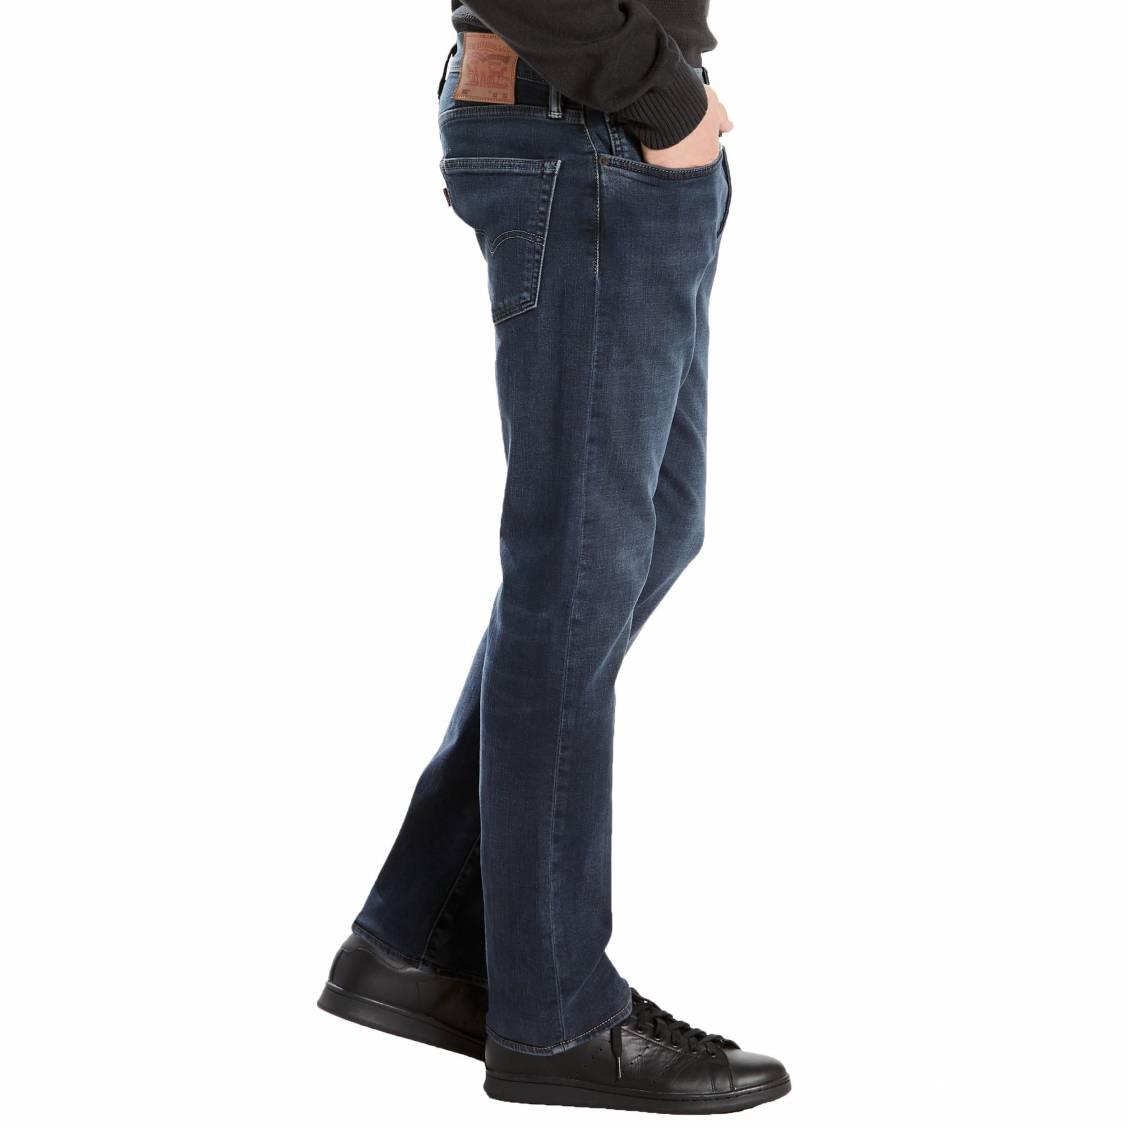 40f5b8a6afb5d ... Jeans Levi s 502 regular taper Eyser Stretch en coton stretch bleu  foncé ...